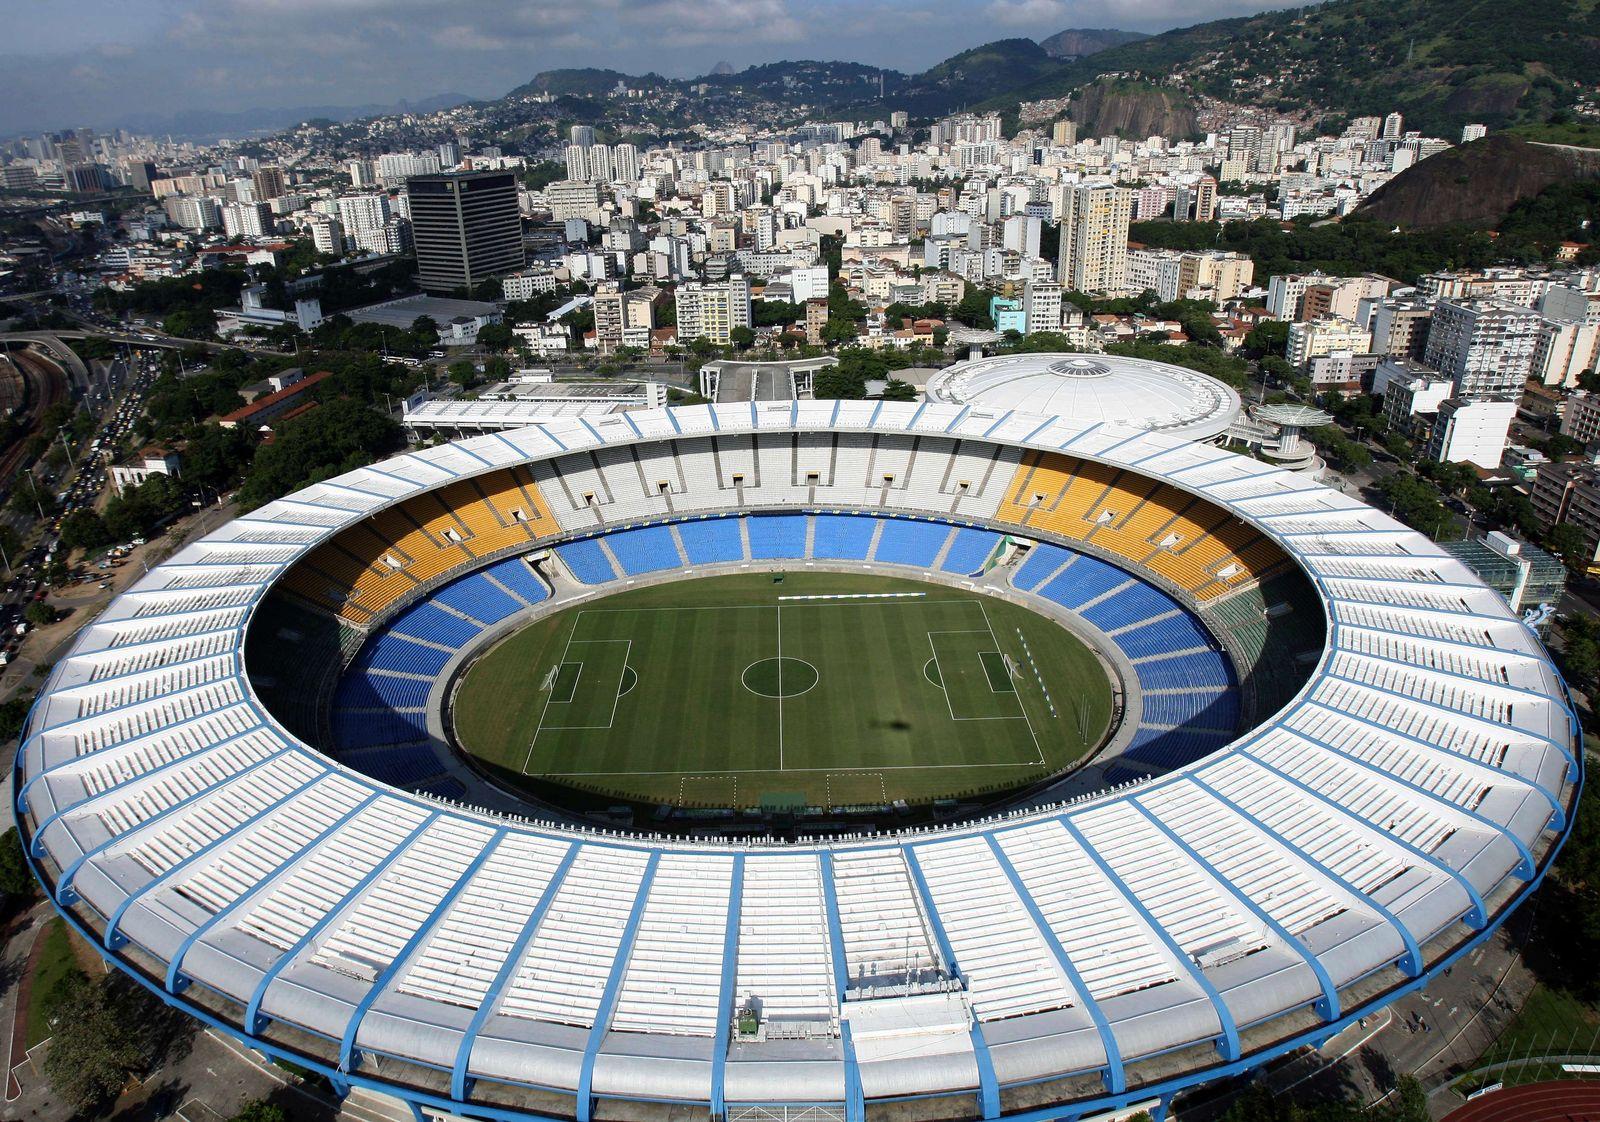 Rio/ Maracana Stadion